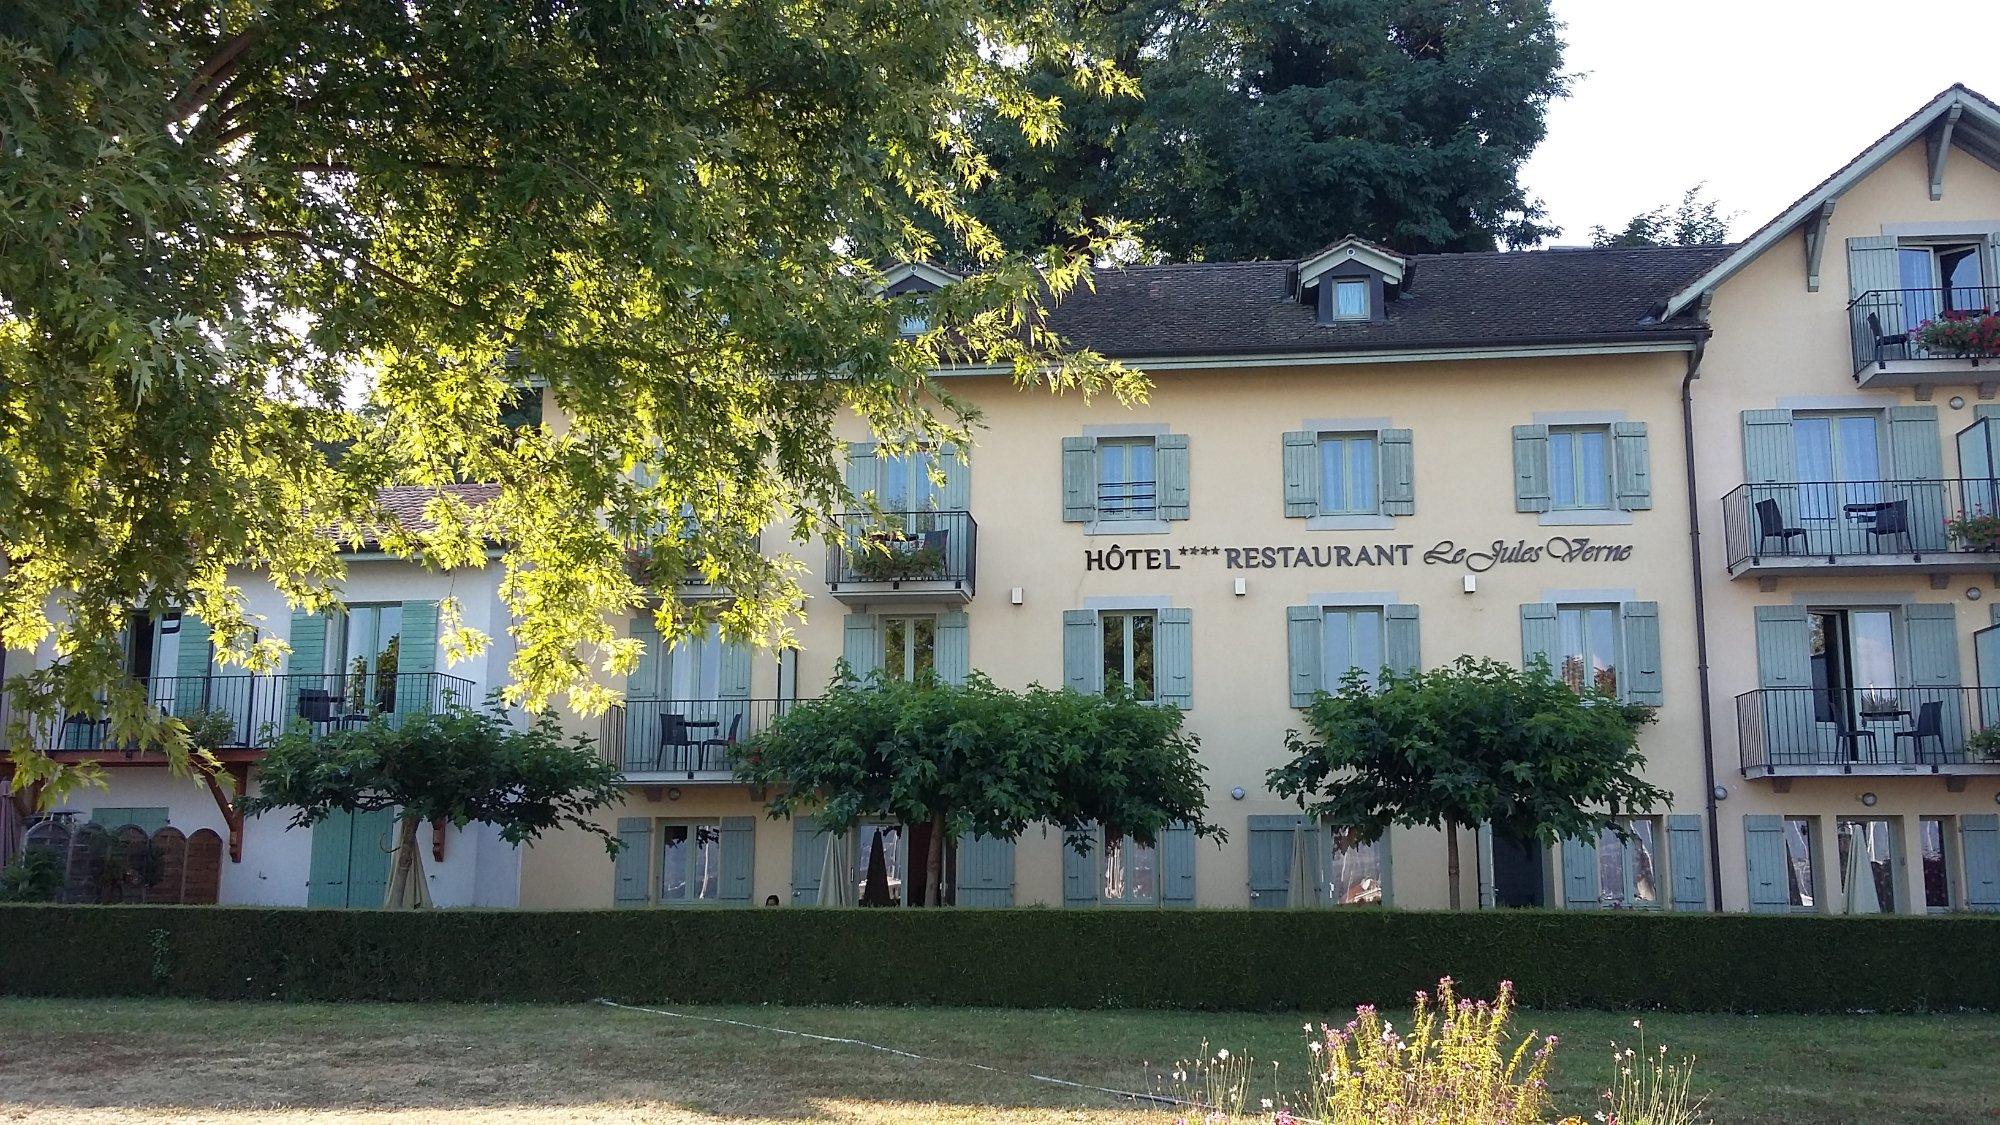 Hotel Le Jules Verne